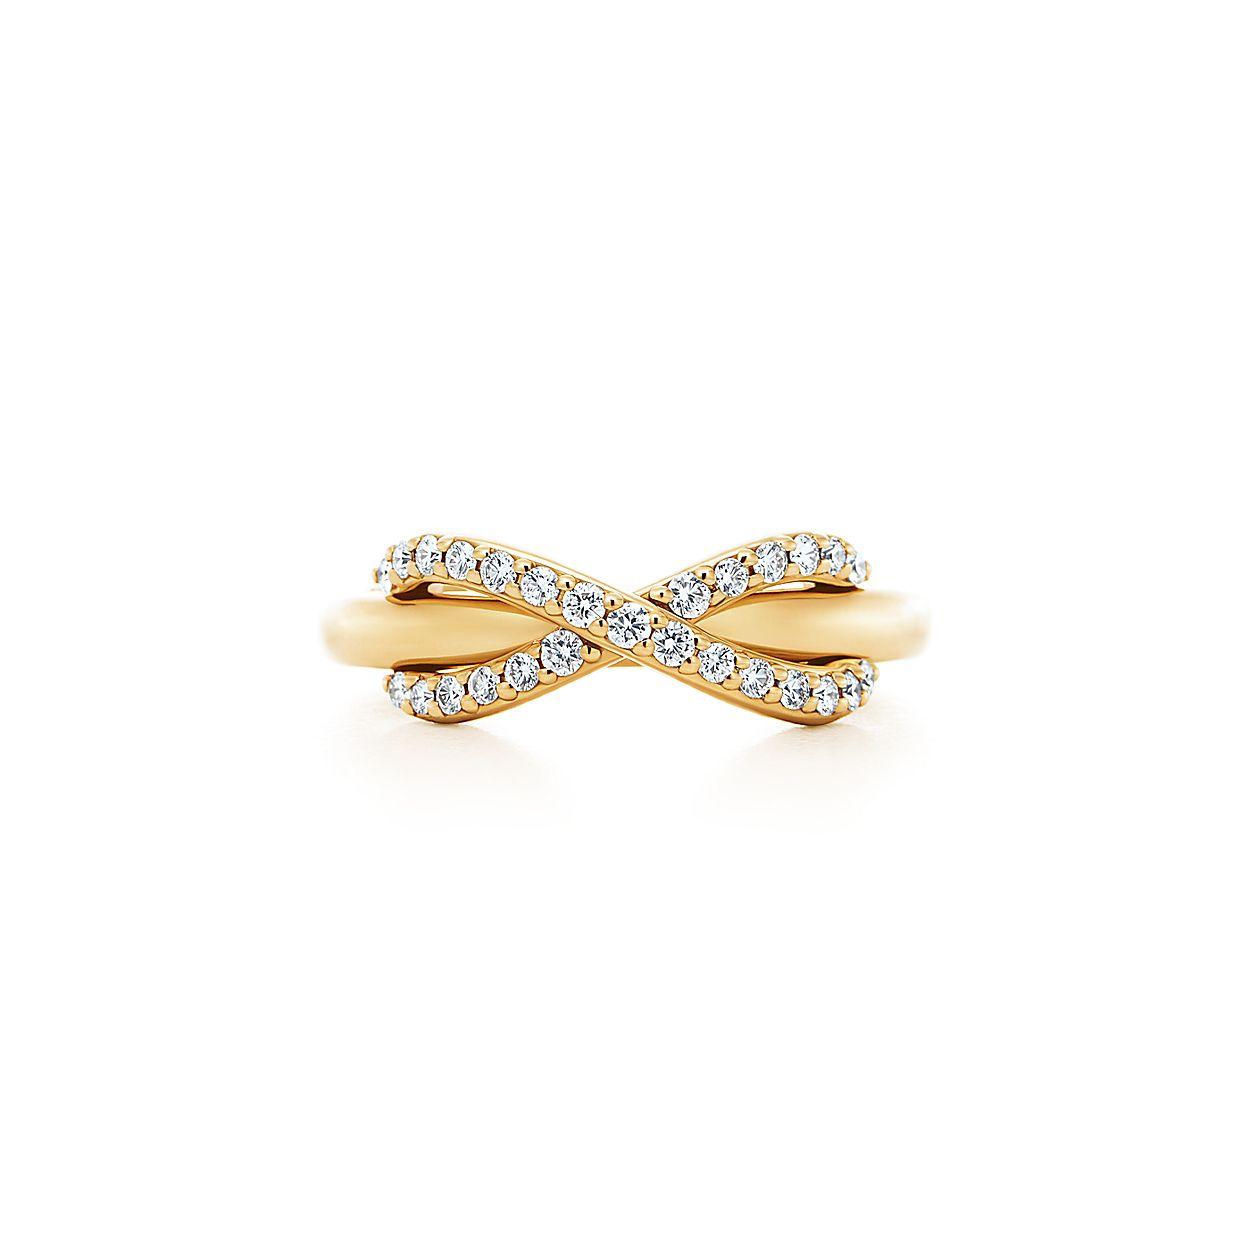 4f54075496865 Tiffany Infinity 18k gold ring with diamonds | Tiffany & Co.